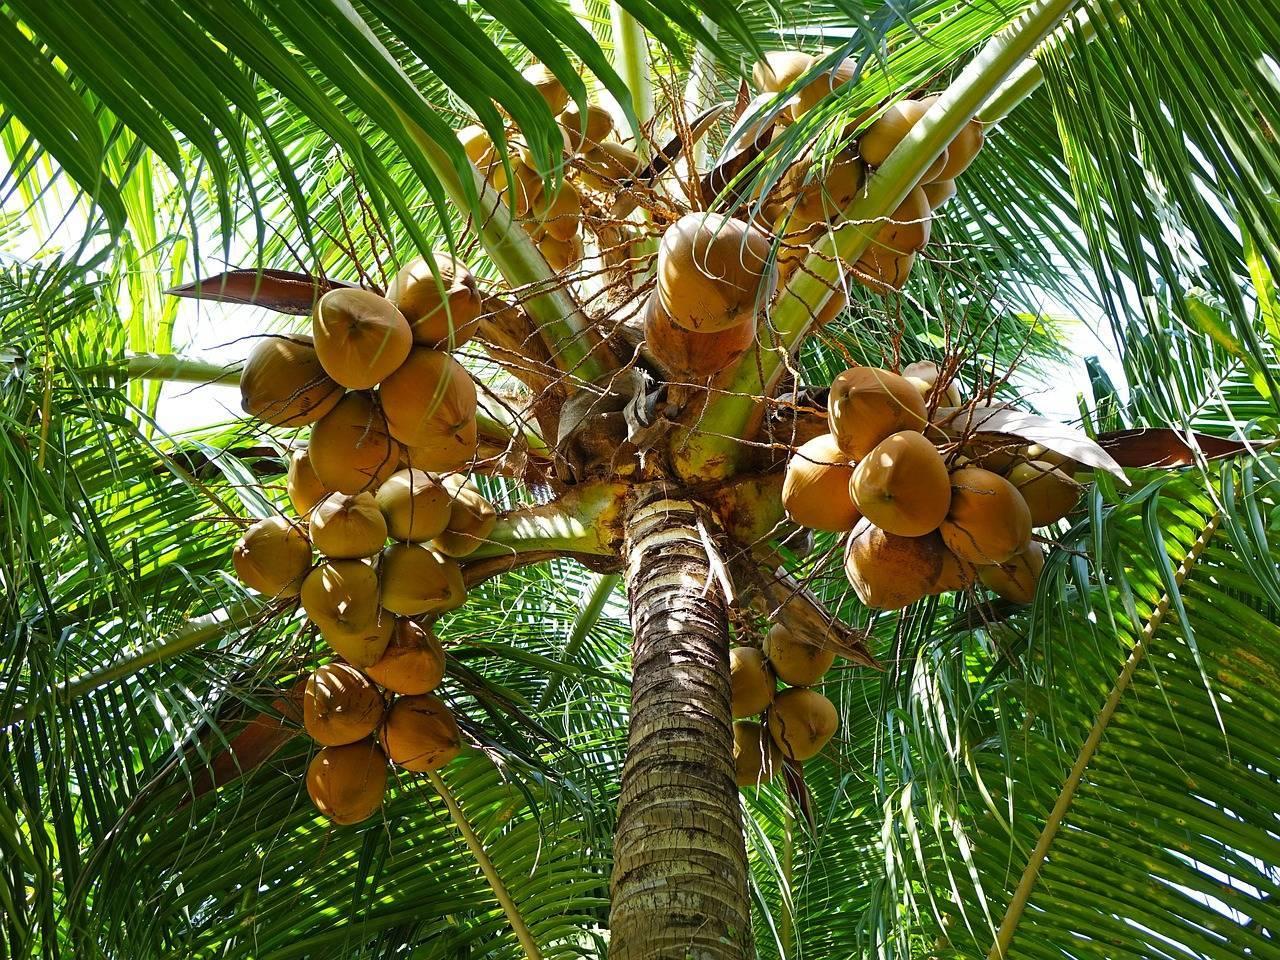 Как растет ананас в природе, в каких странах? - sadovnikam.ru